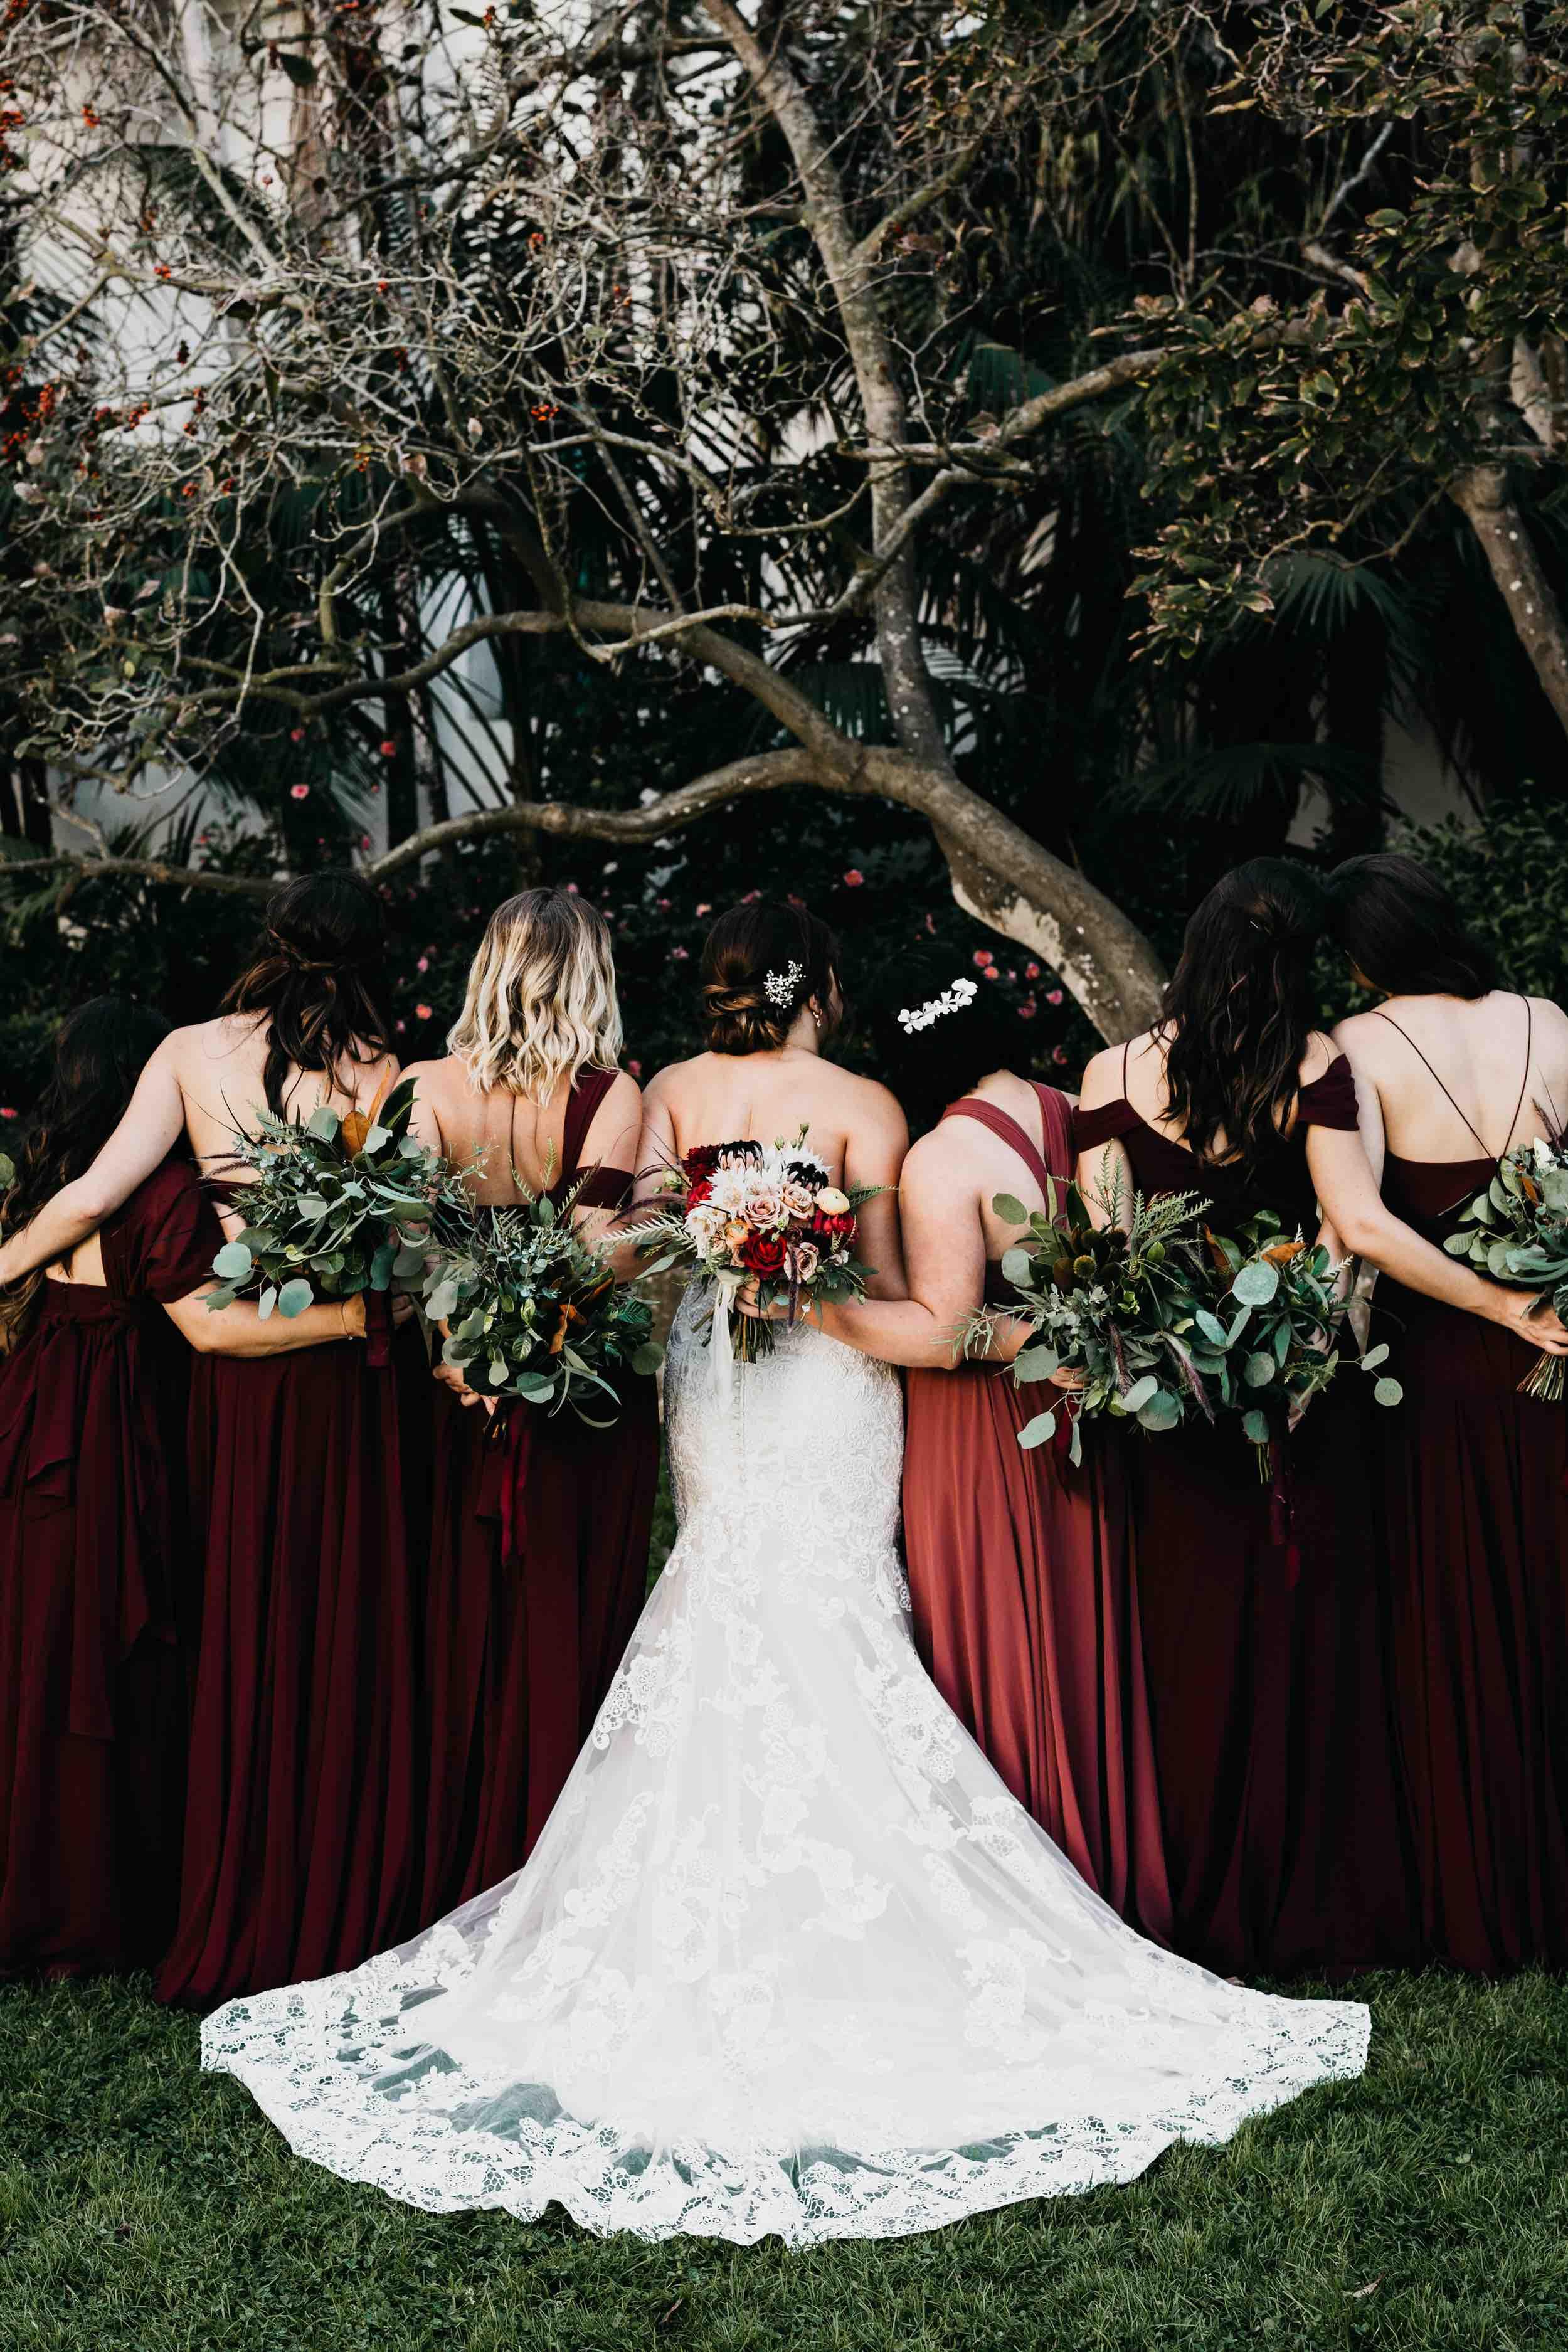 LaurenandSam_Bridesmaids26.jpeg